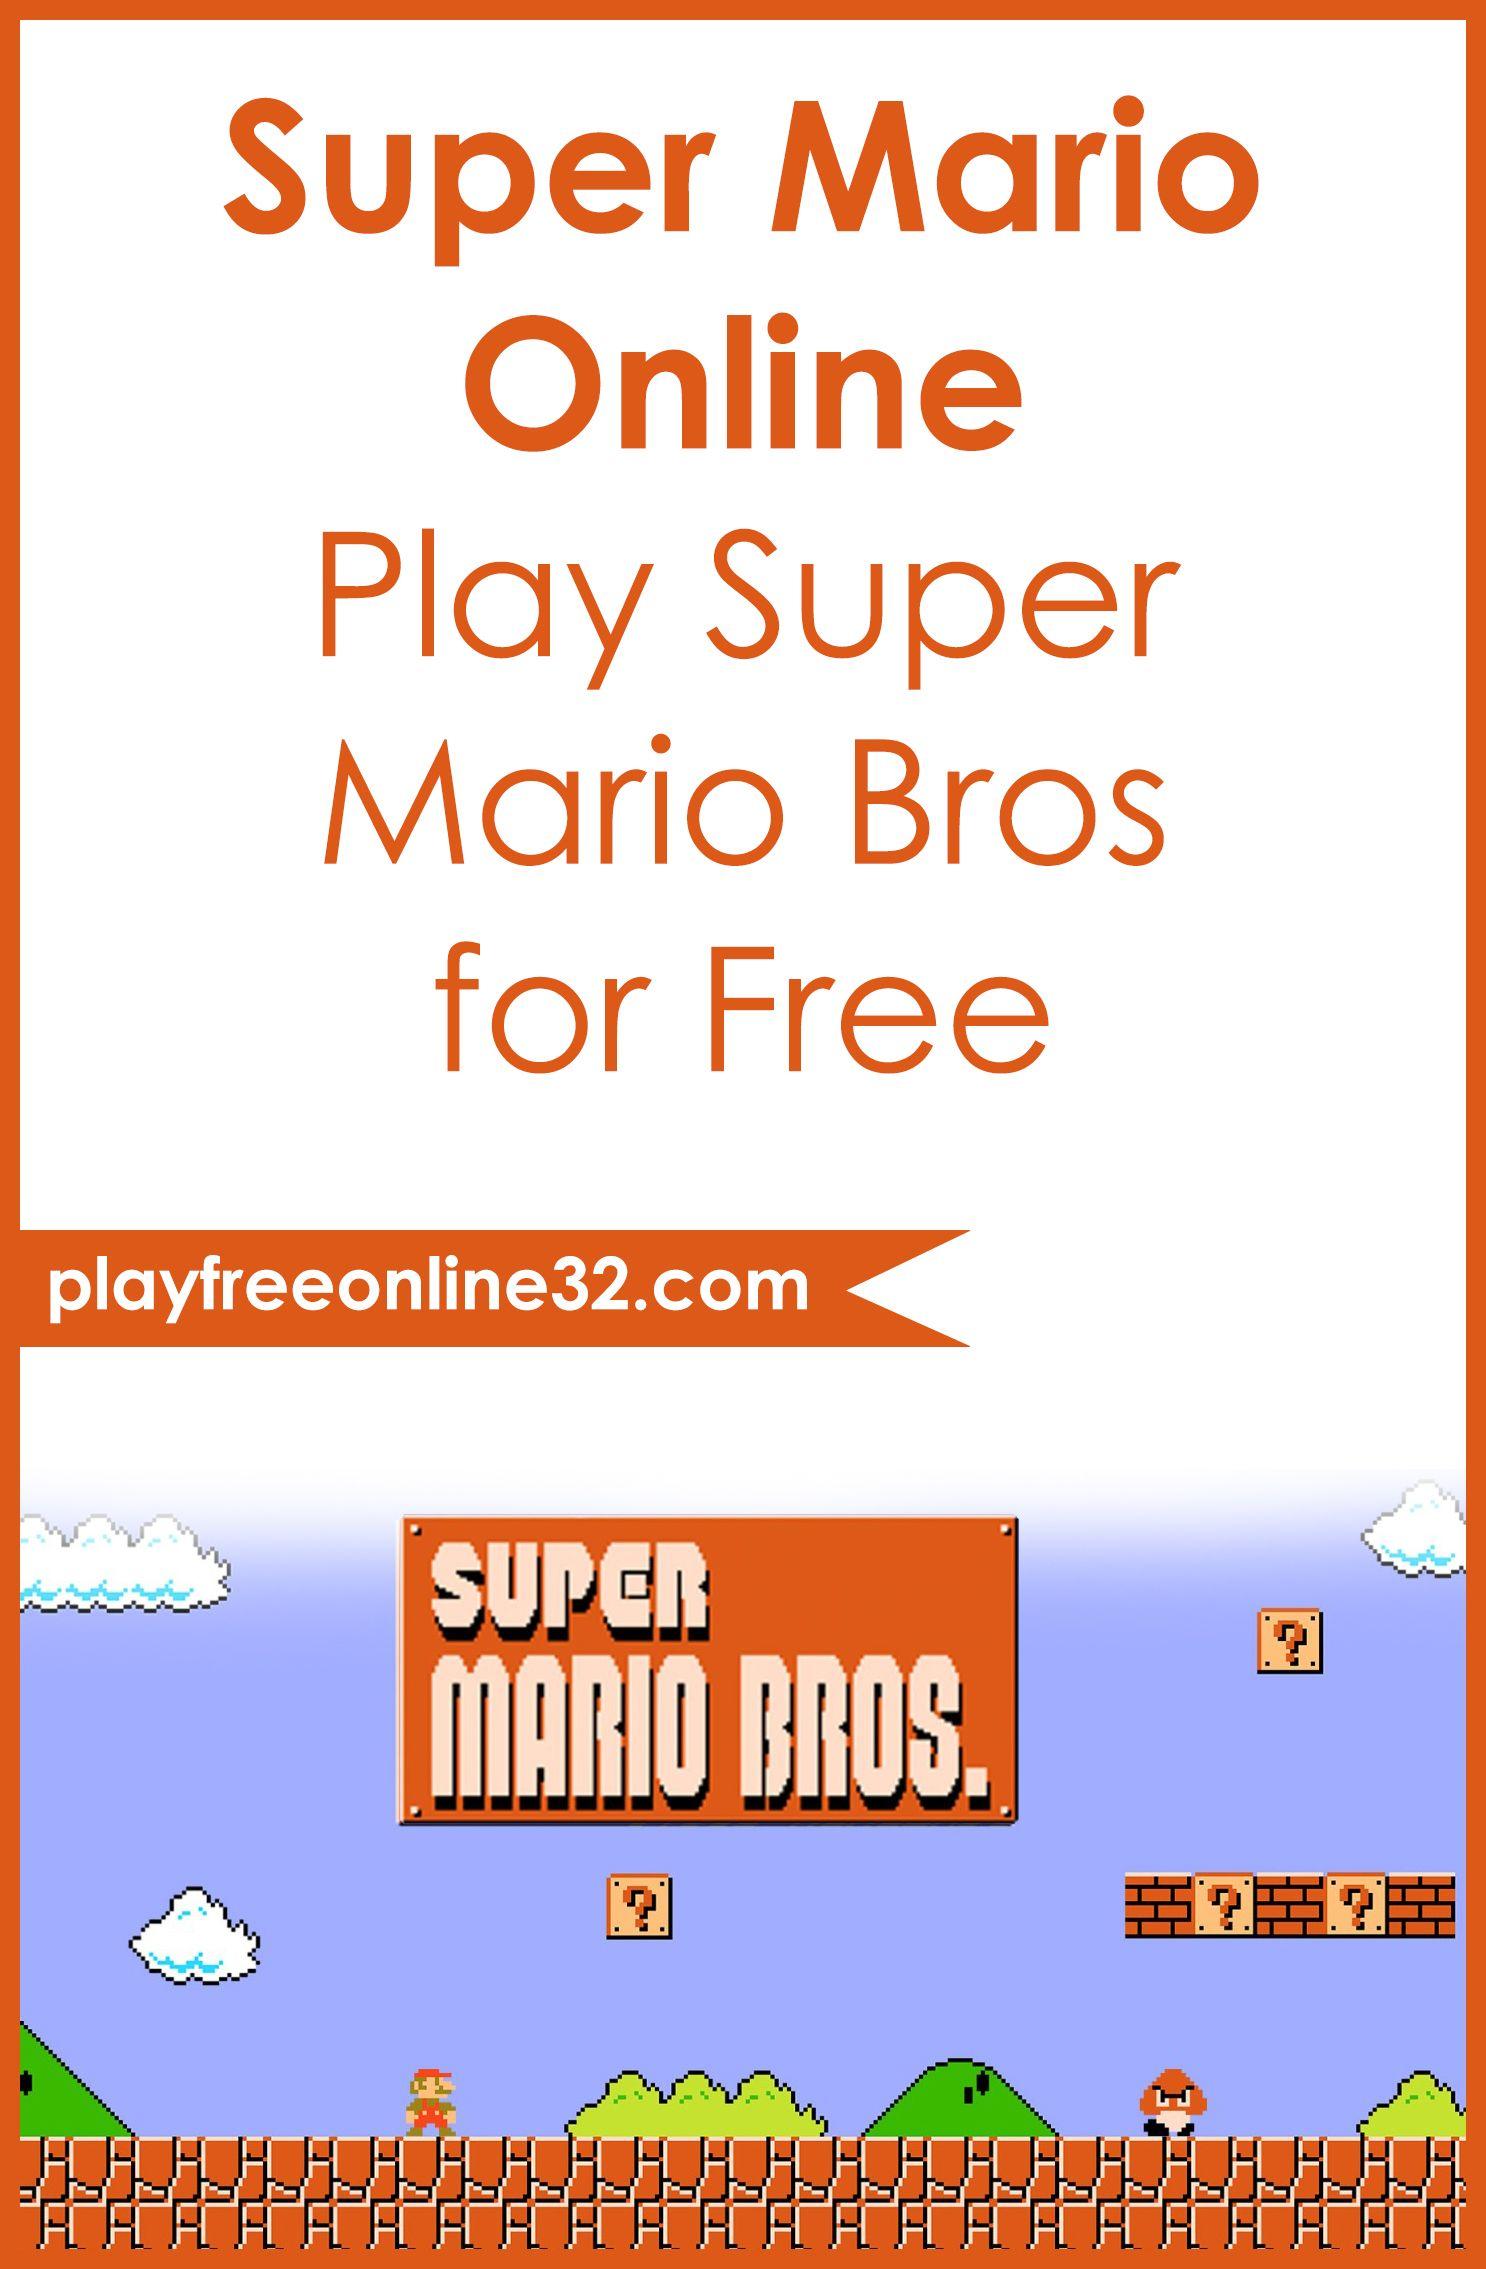 Super Mario Online Play Super Mario Bros For Free Super Mario Bros Super Mario Fun Online Games